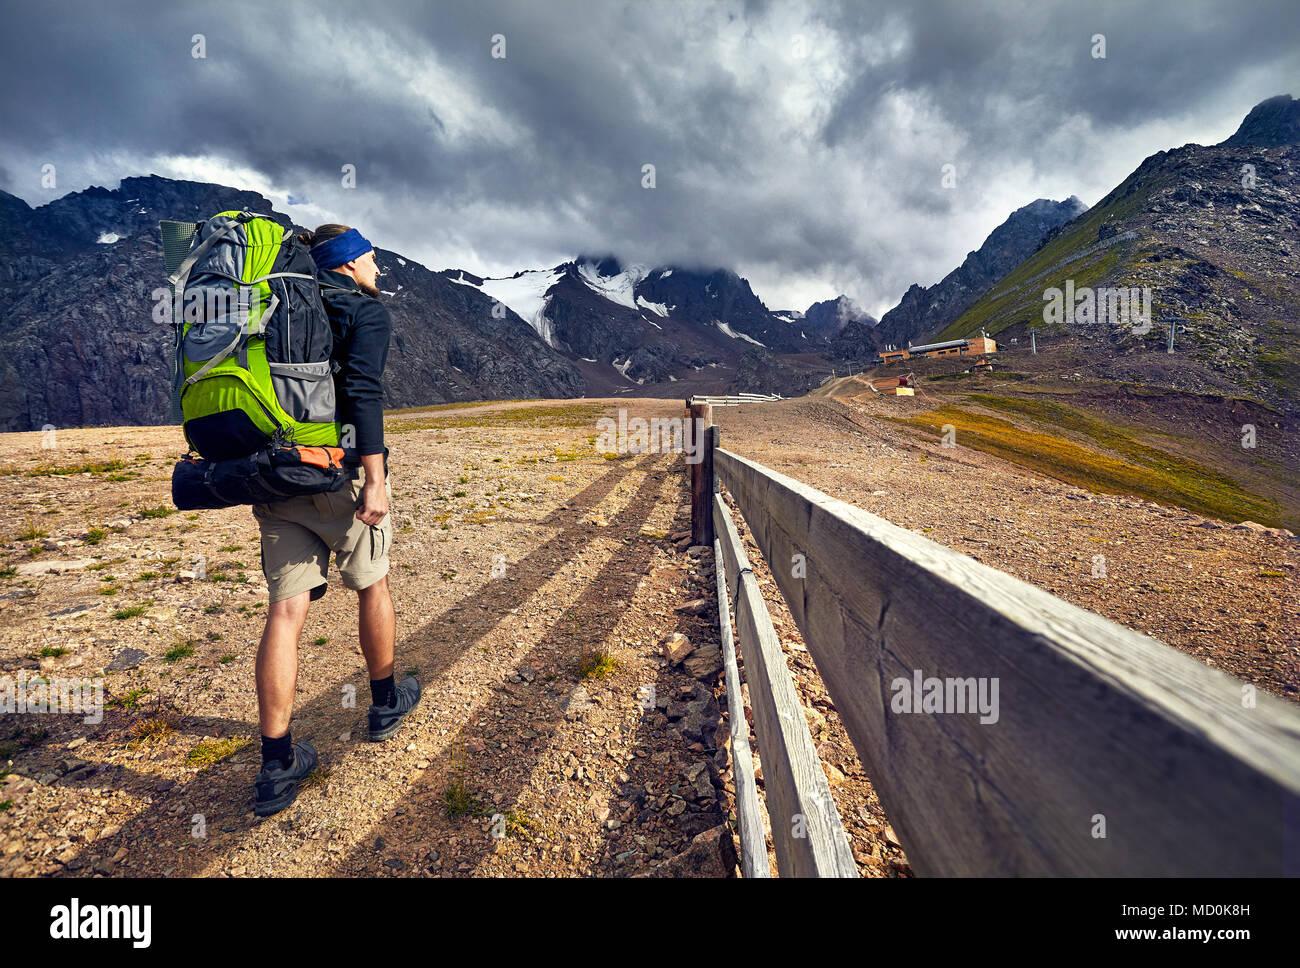 Randonneur dans avec de grandes balades à dos vert pour les montagnes enneigées au fond de ciel sombre couvert de Shymbulak Ski Resort au Kazakhstan Photo Stock